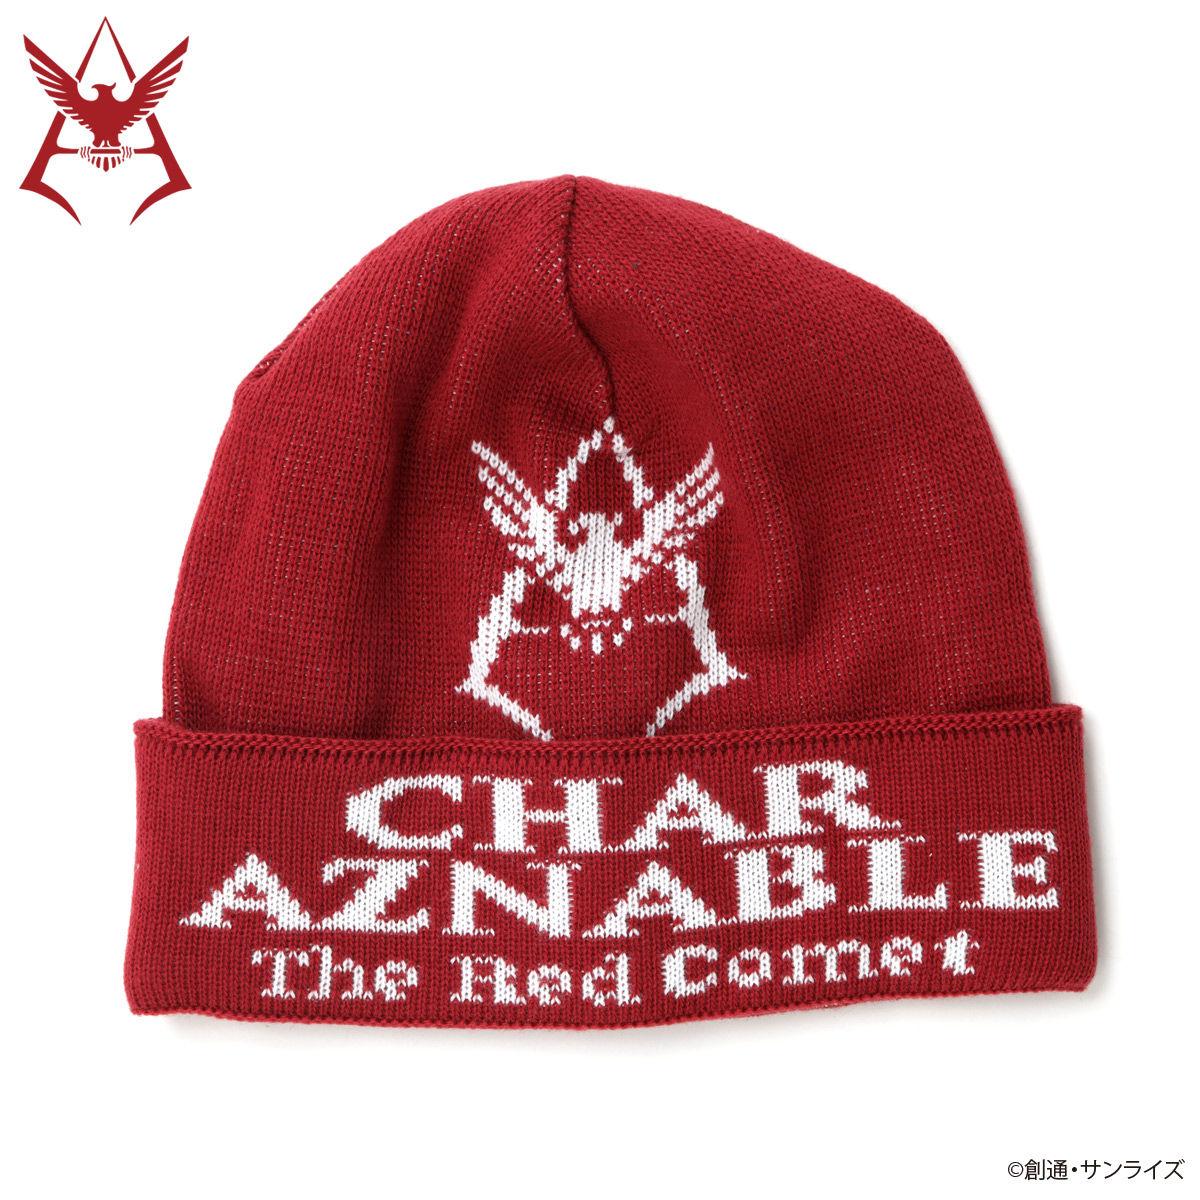 Mobile Suit Gundam Char Aznable Emblem Knit Cap